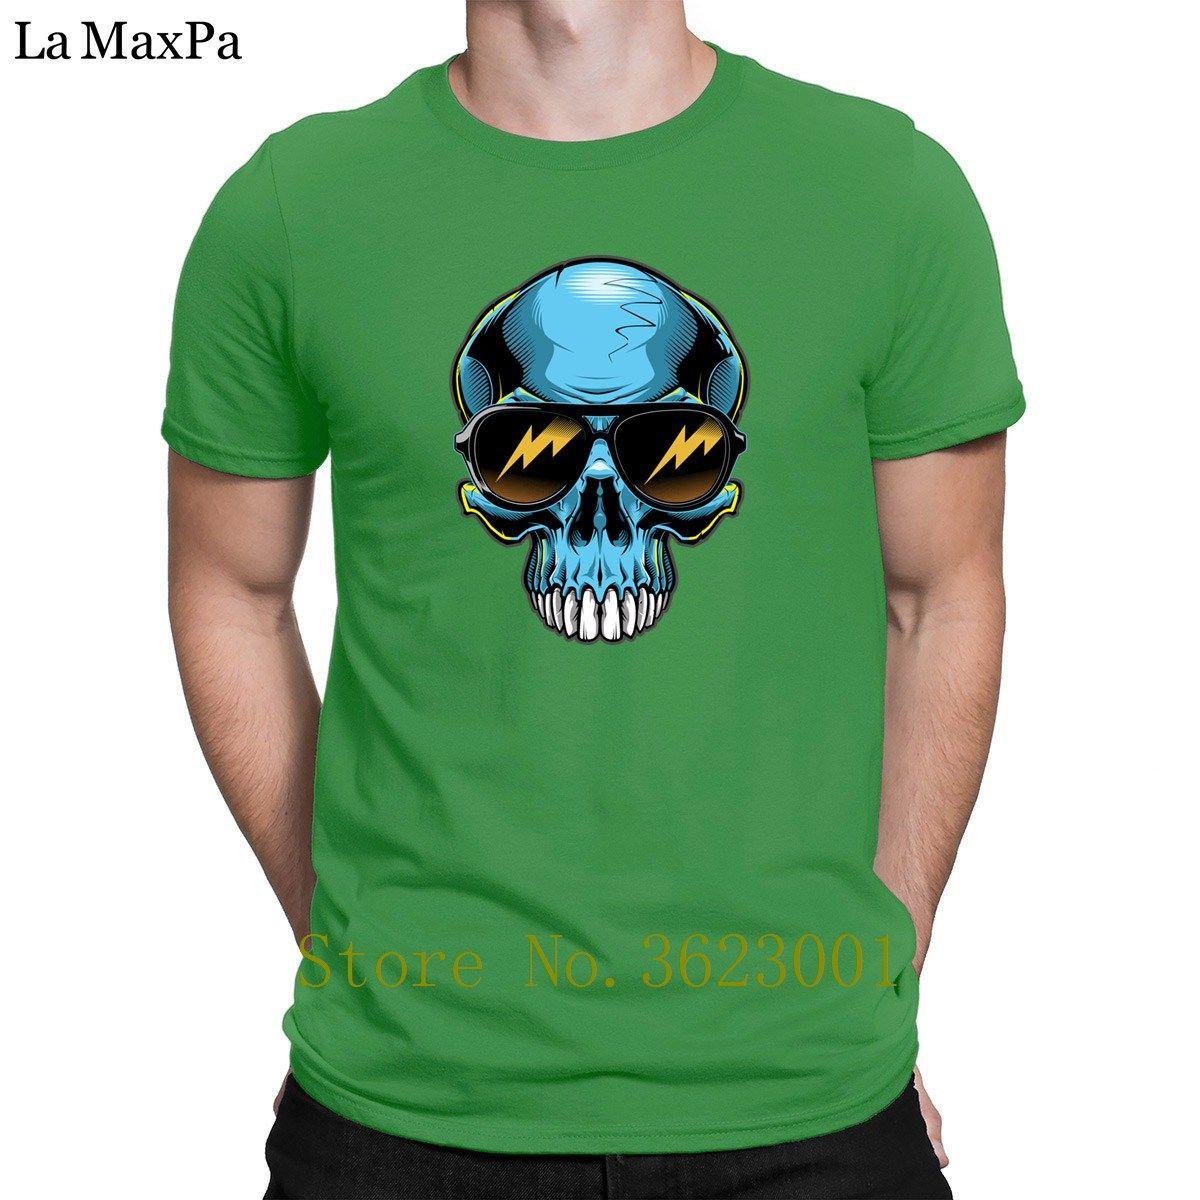 Web siteleri Erkekler Tişörtlü Krom Kafatası Erkek Tişört Üst Kalite Vintage Erkek Tee Gömlek Comical Tişörtlü Yaz Stili Pamuk oluştur